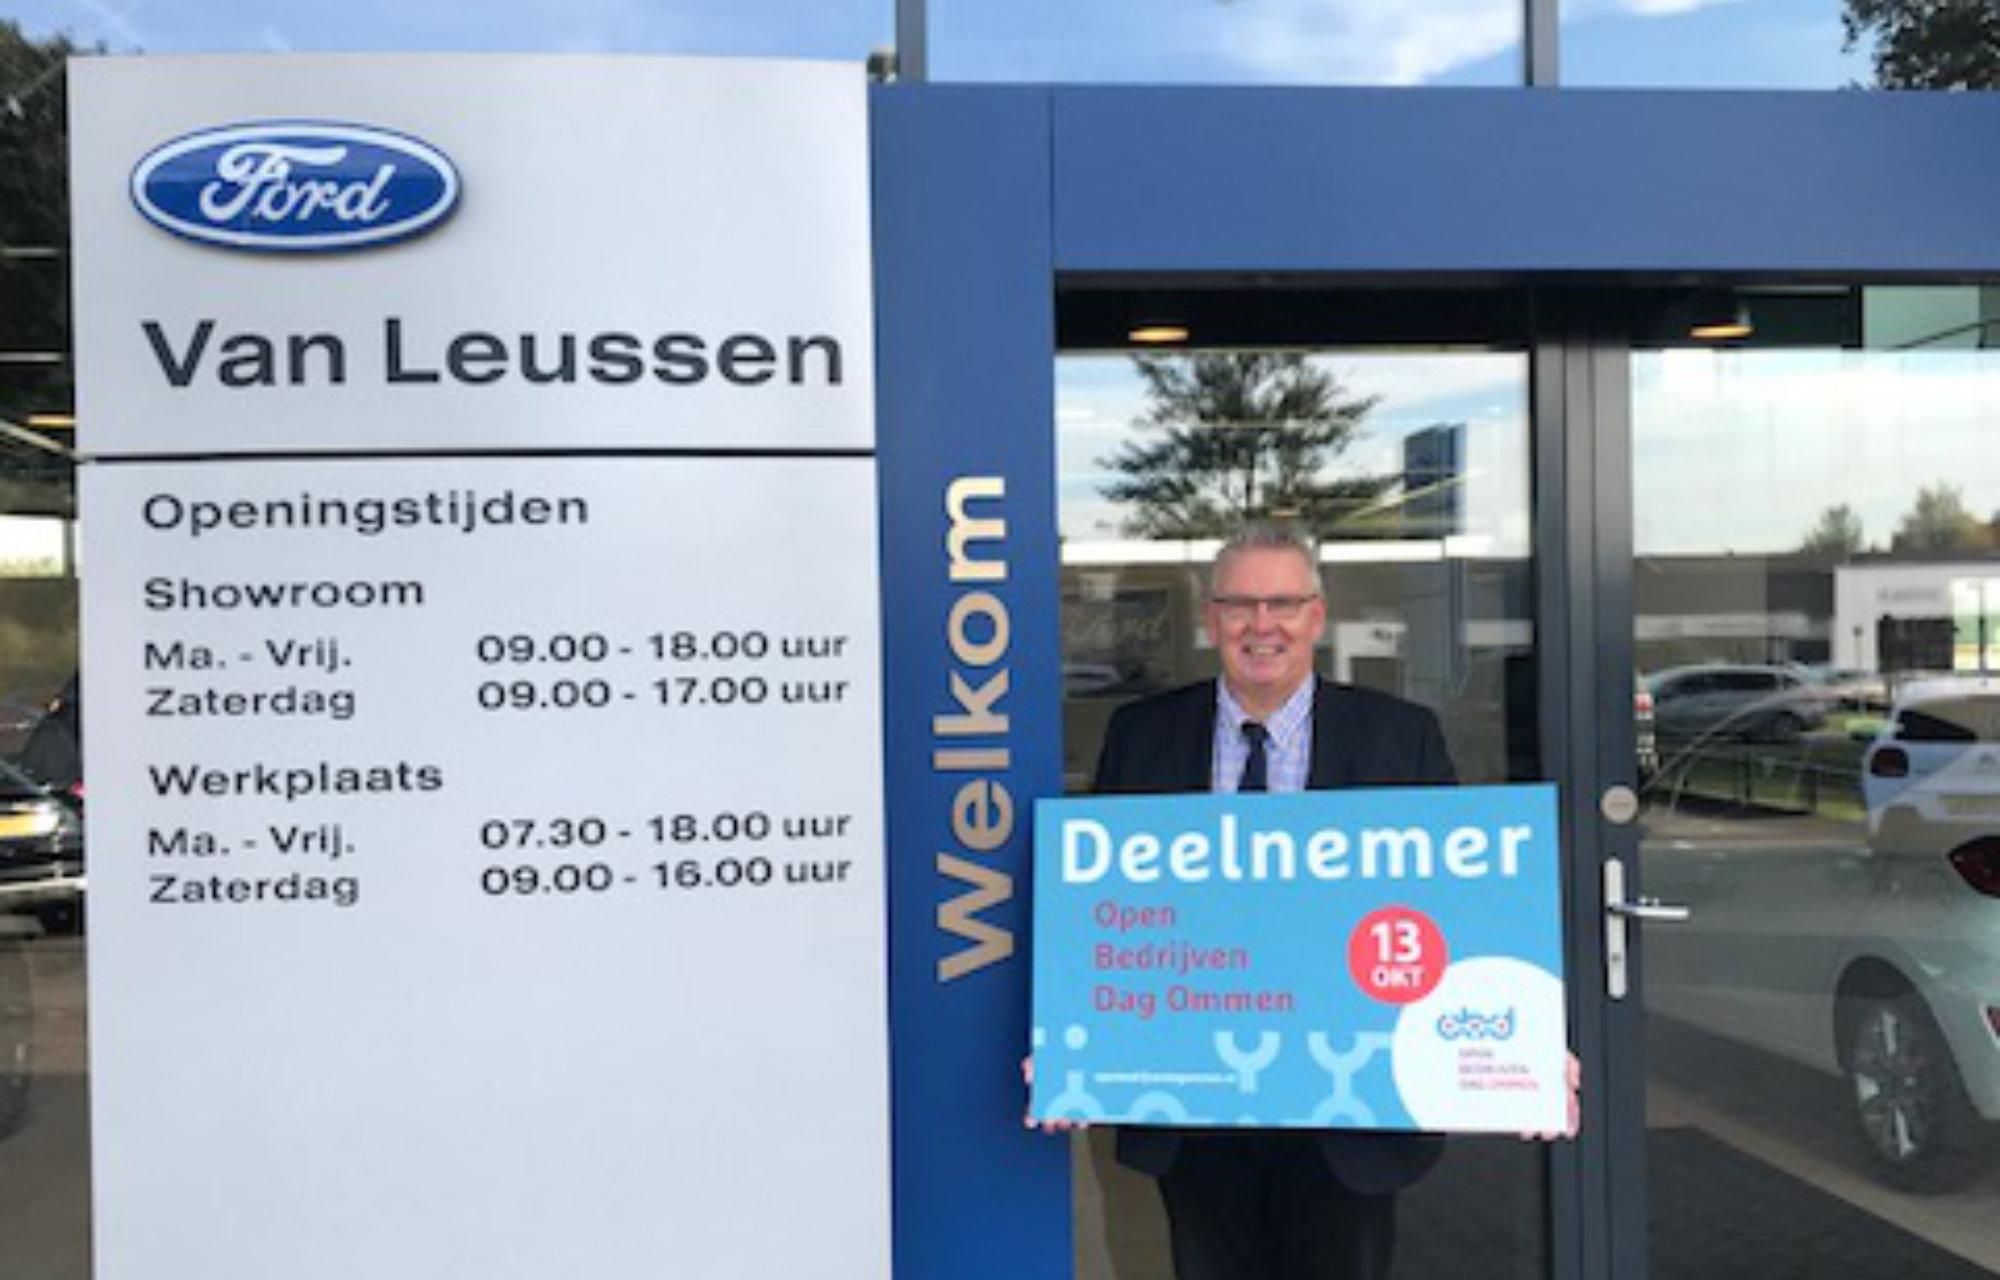 Welkom openbedrijvendag Van Leussen